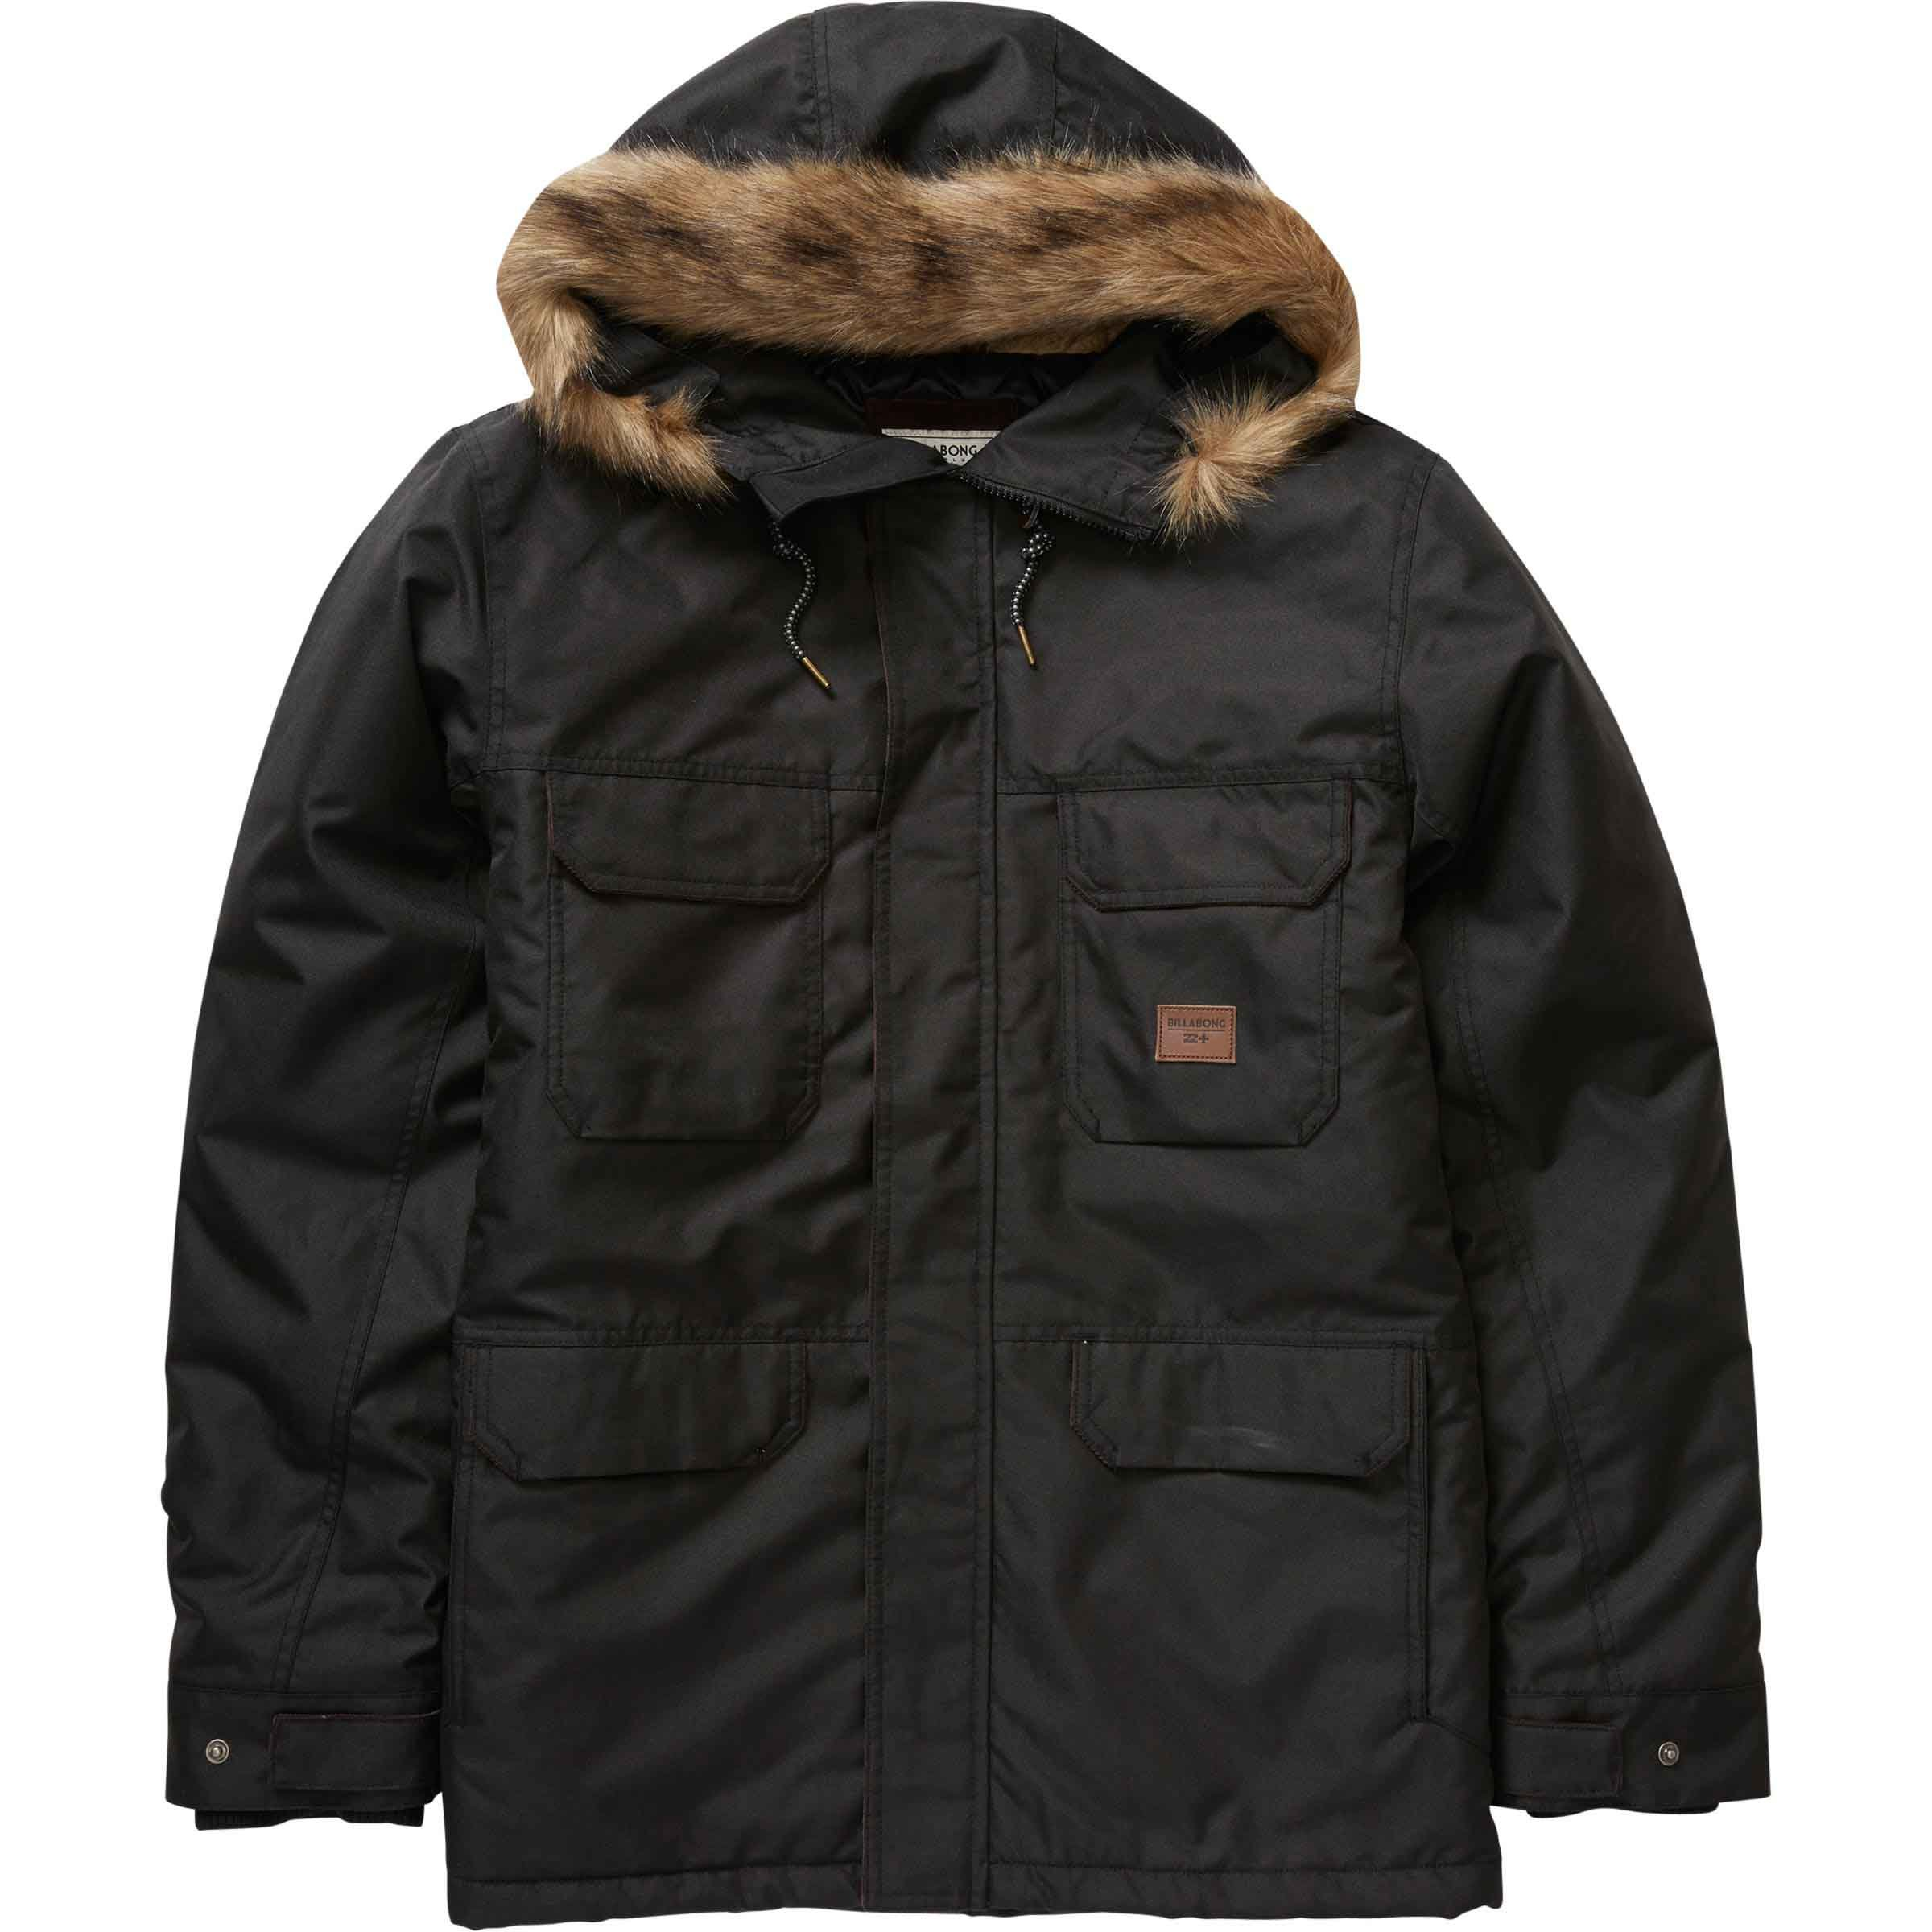 Billabong Men's Olca Jacket, Black, Medium